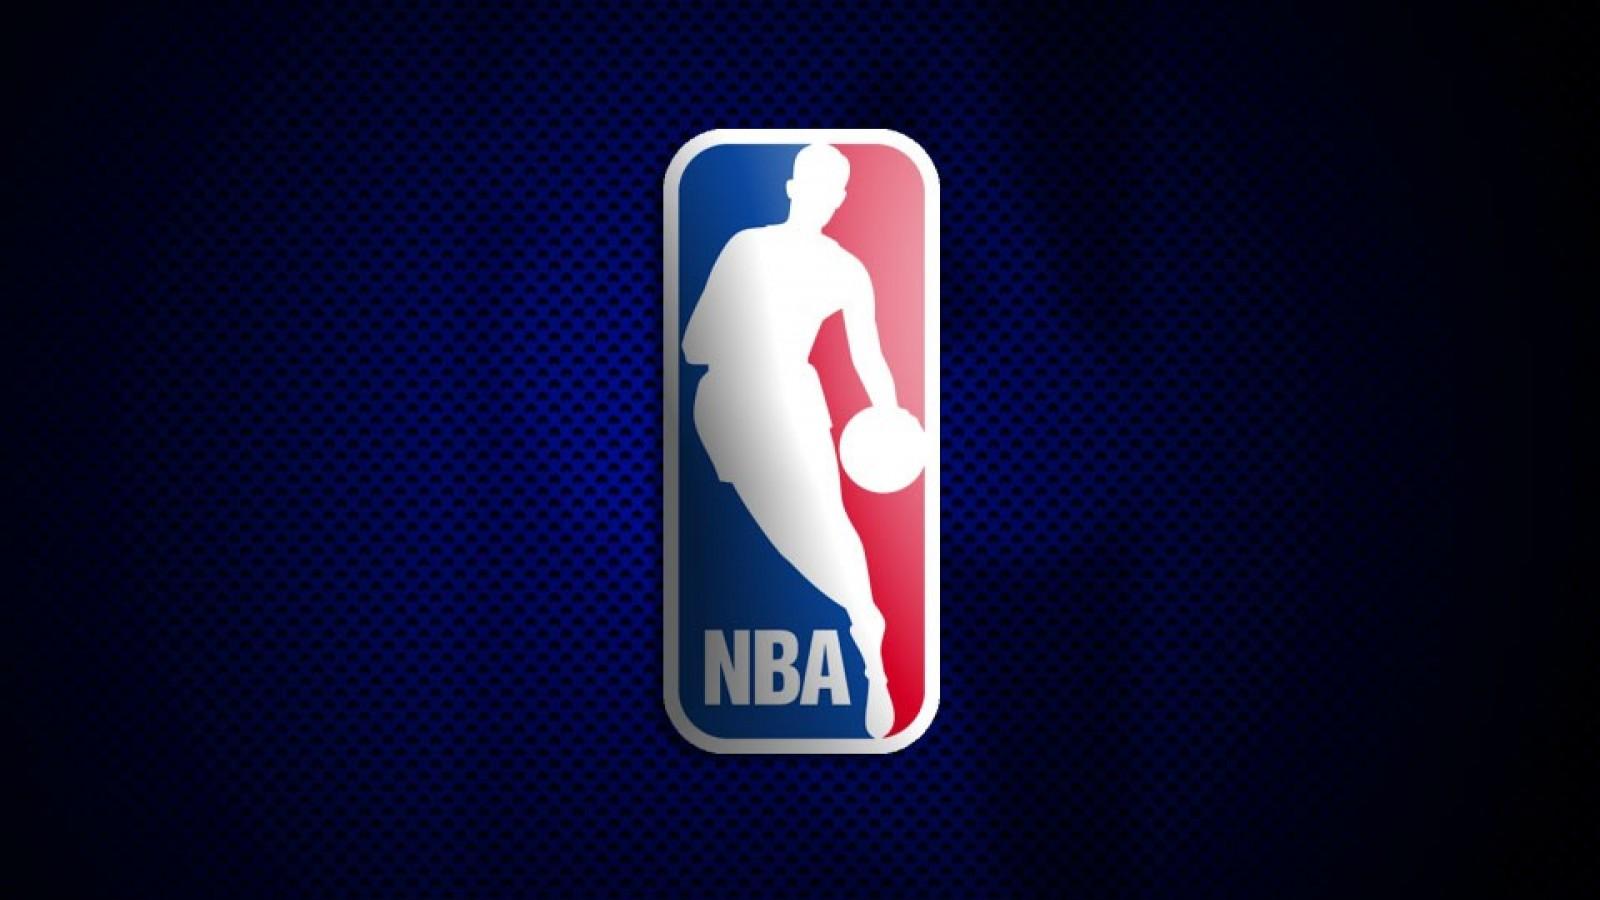 Los Fondos De Pantalla Animados Deportes Para Android: Patada De Caballo: NBA Fondos De